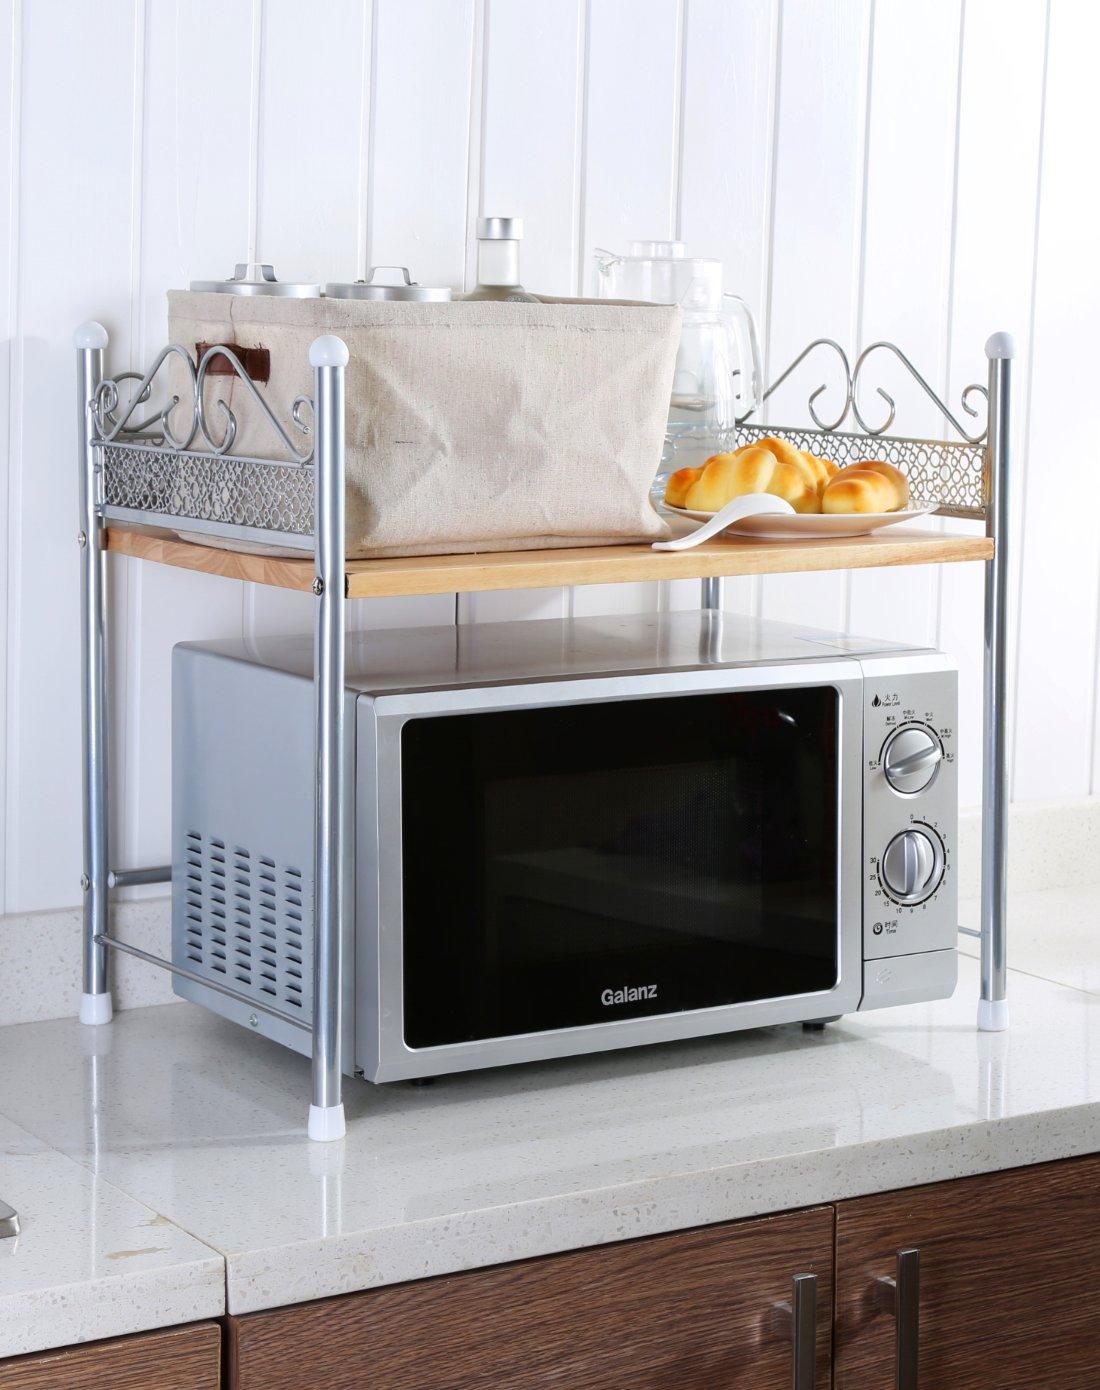 ikazs 1-rack moderno de color blanco horno microondas cocina rack ...